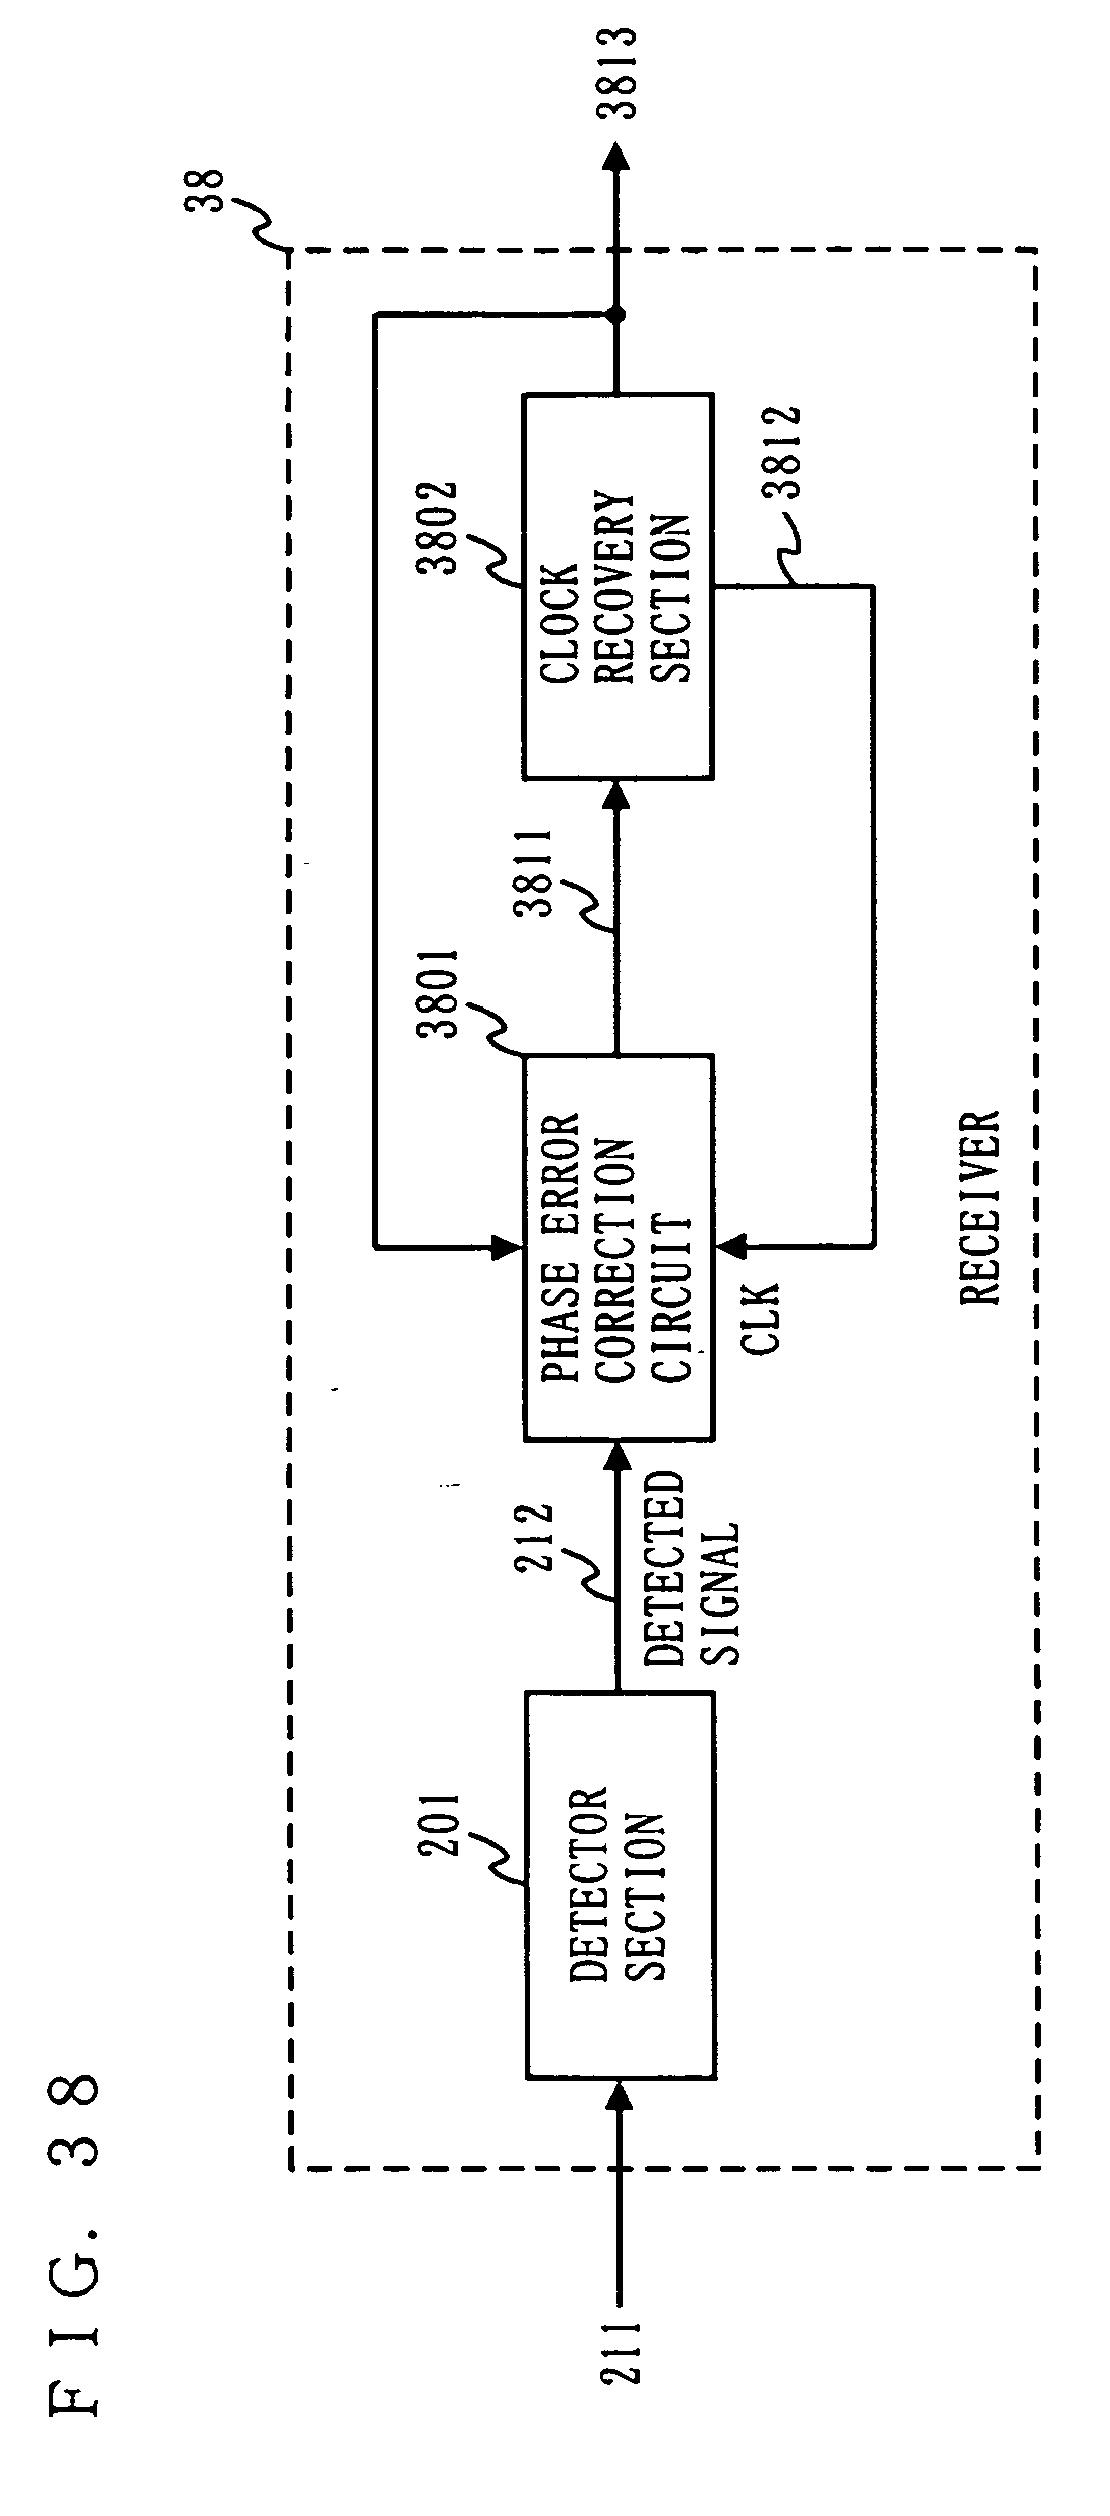 录放音集成xb_1110电路原理图1